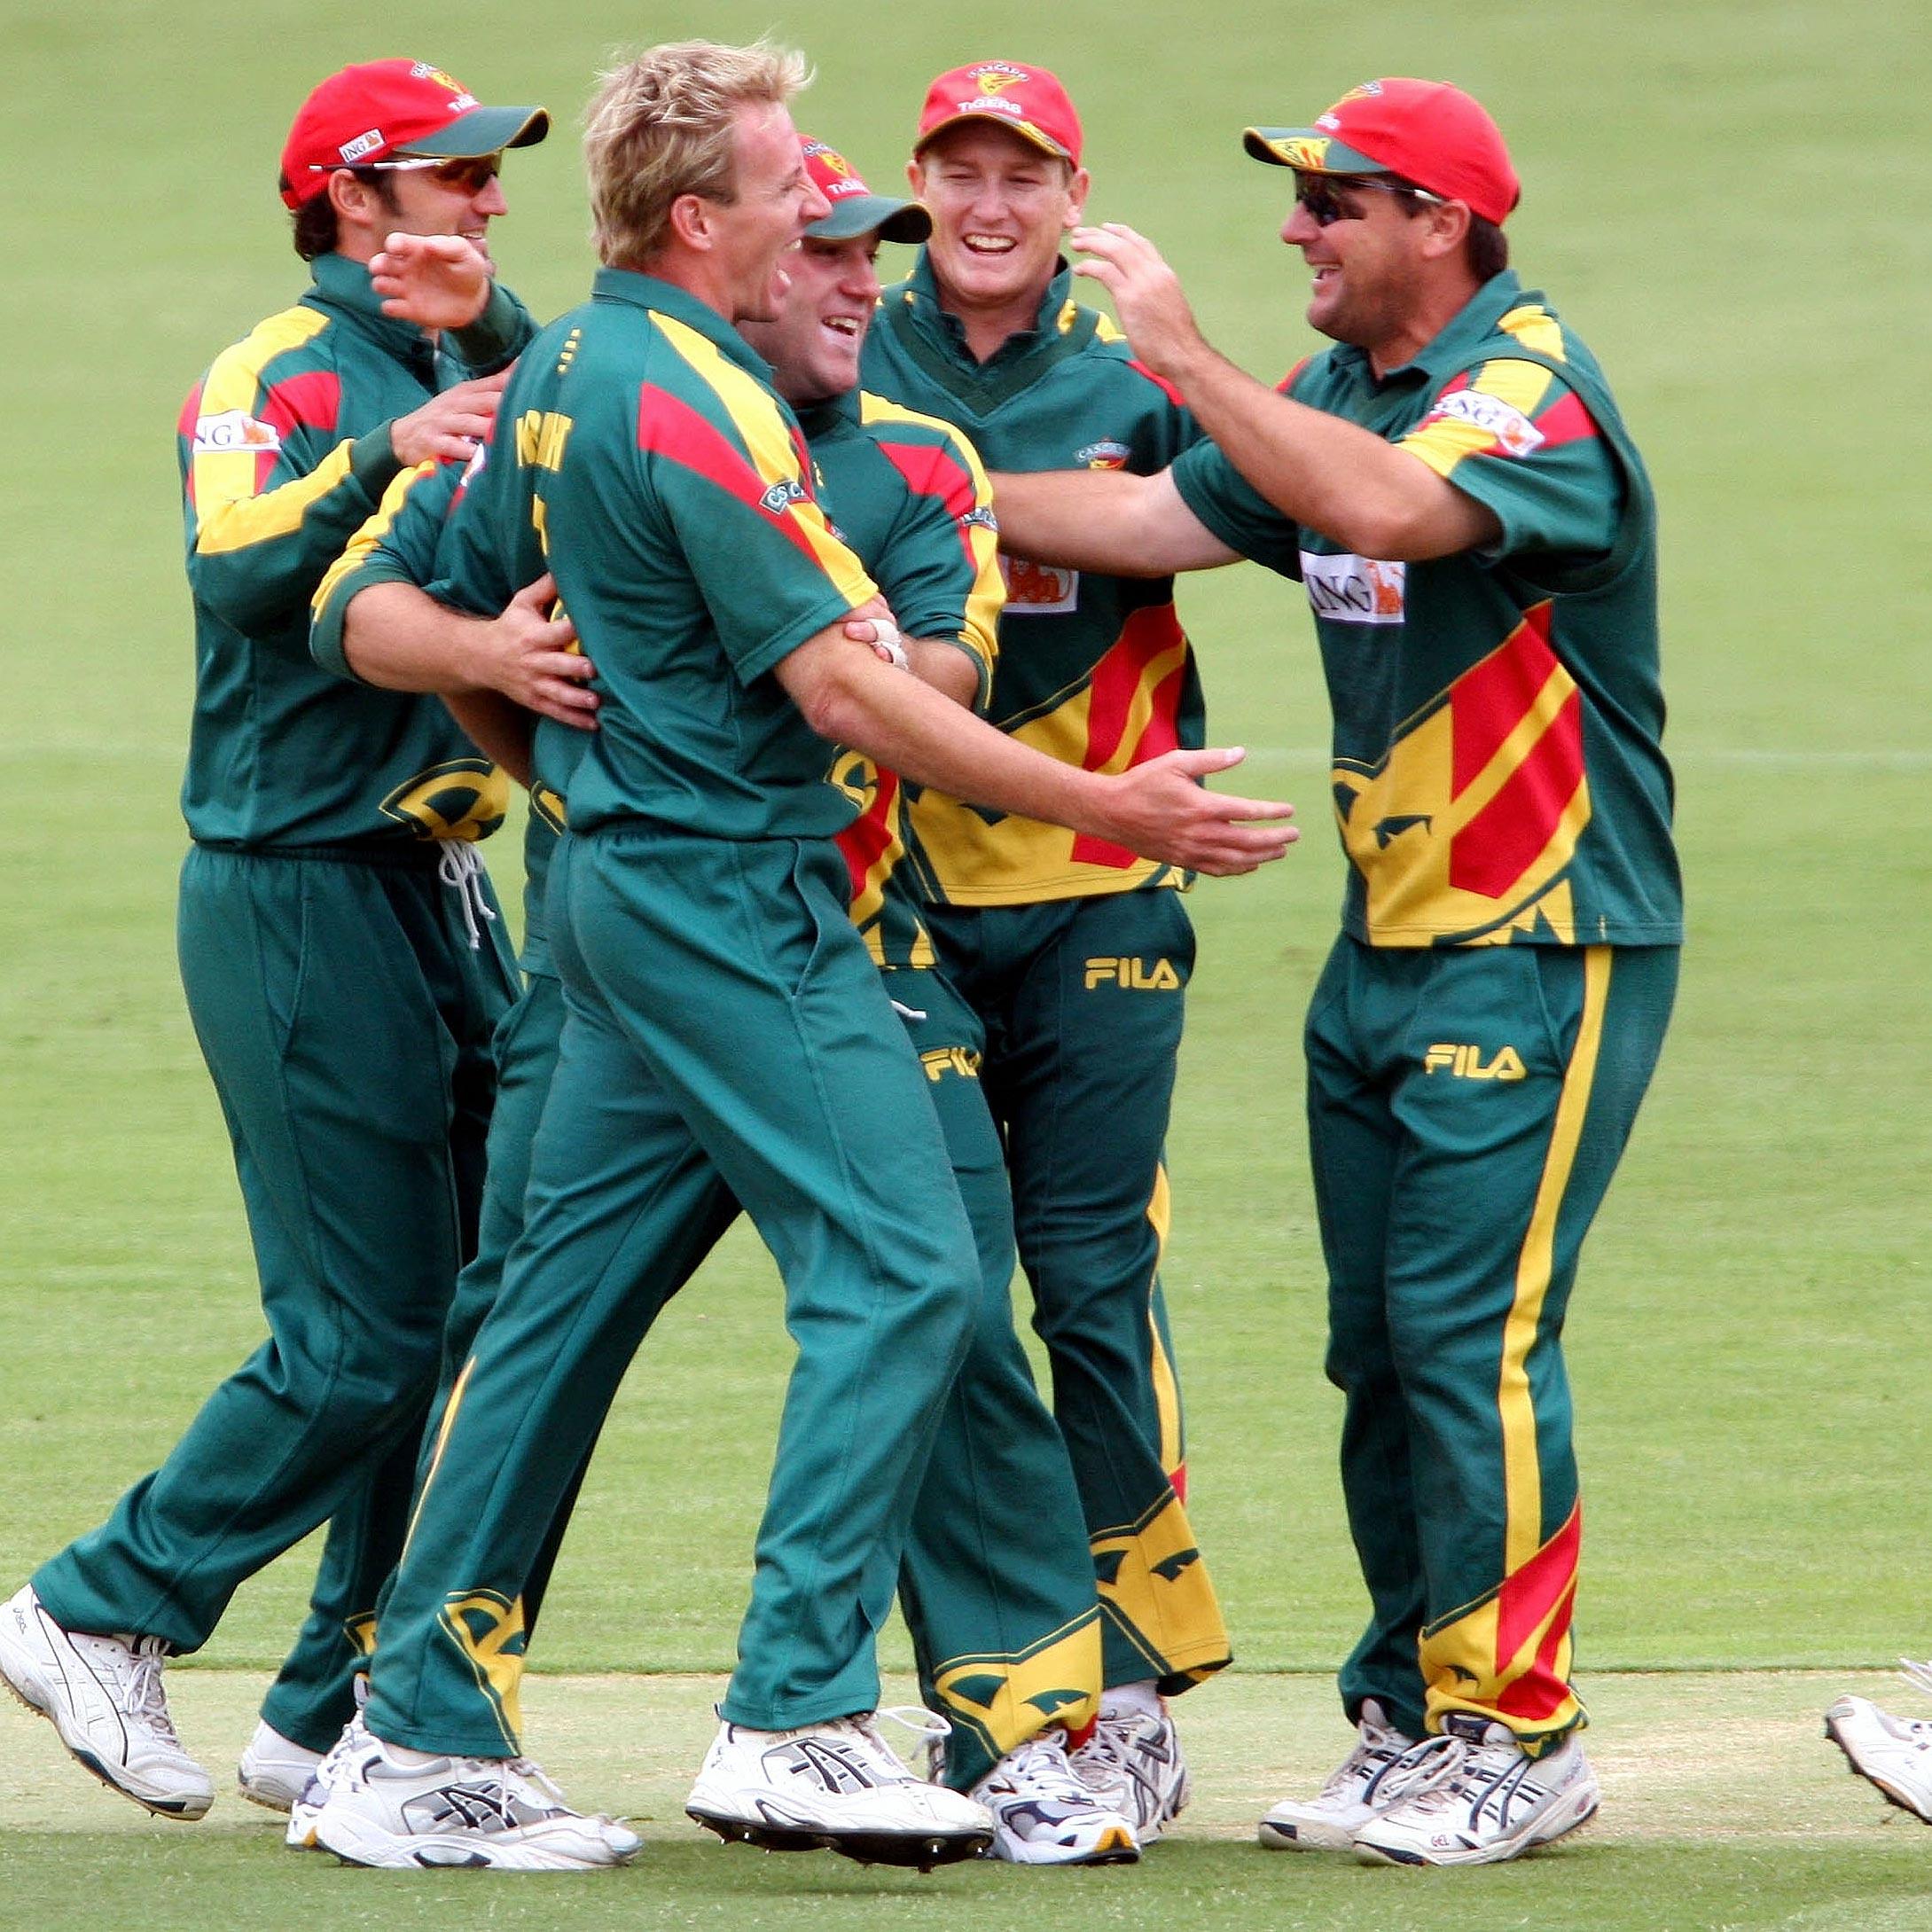 Tasmania's Damien Wright celebrates a wicket // Getty